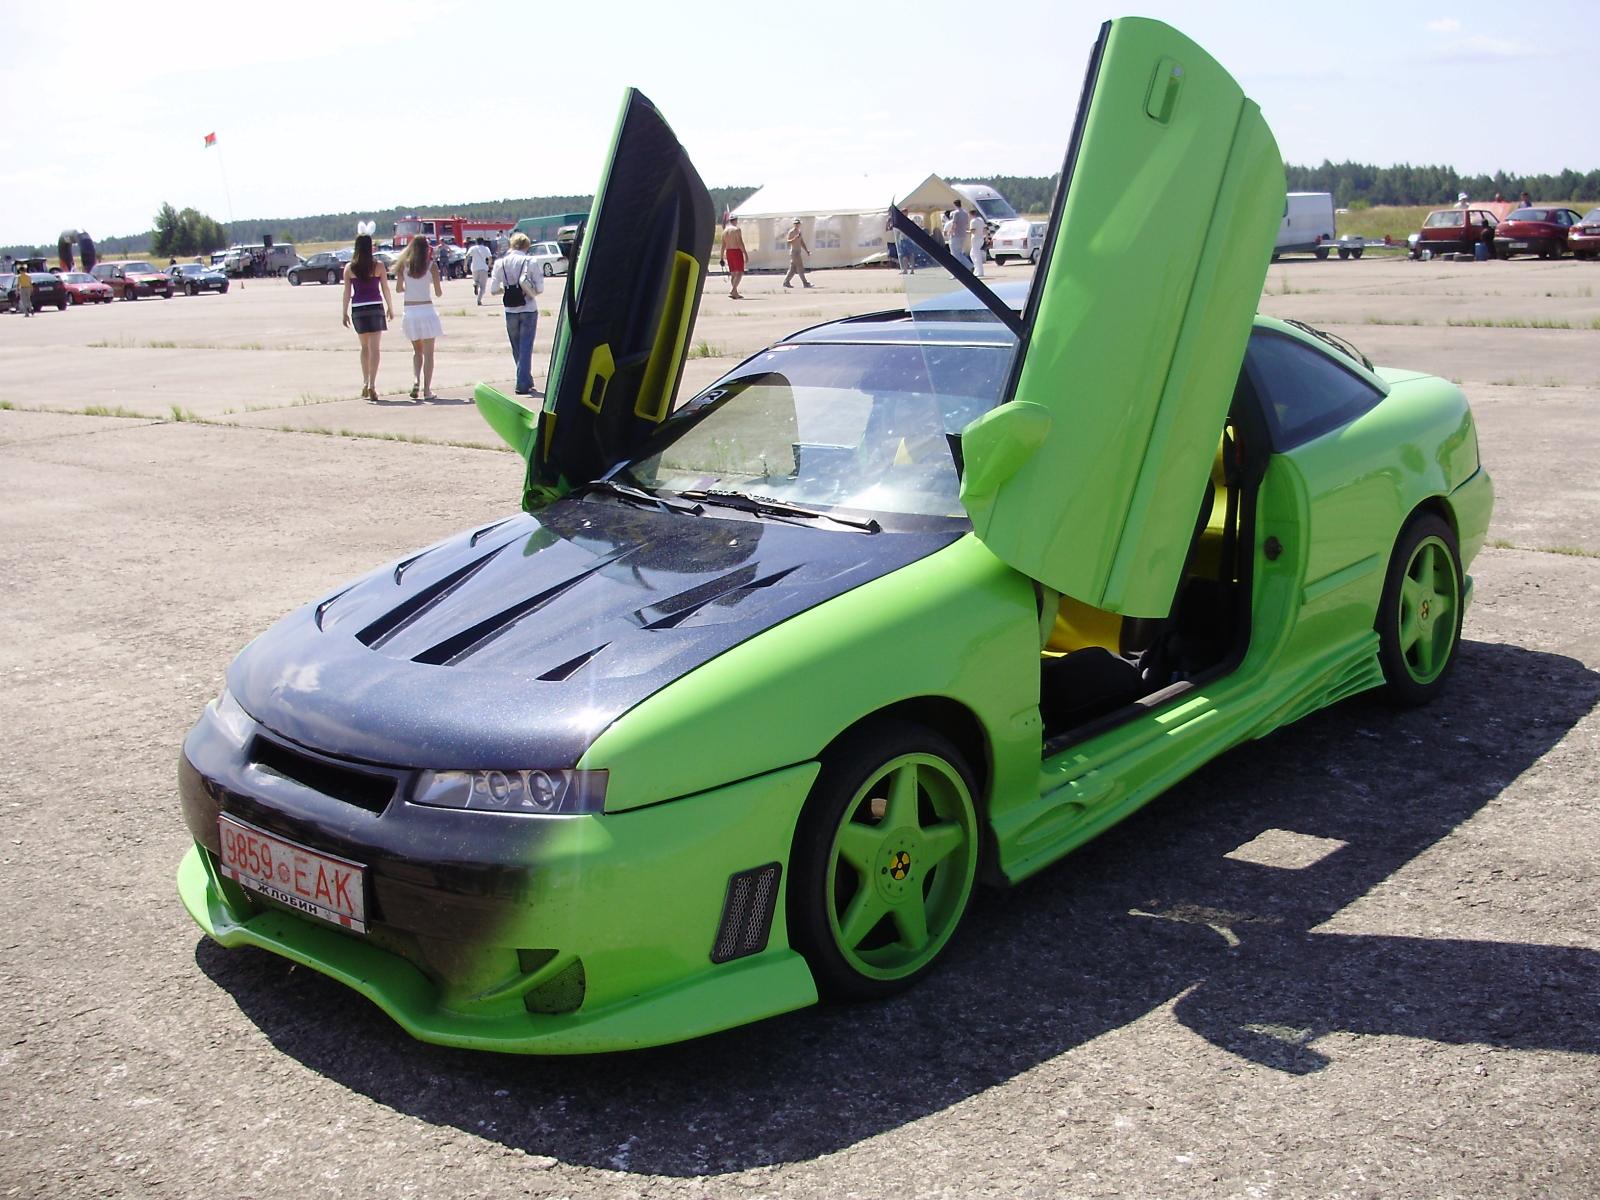 Tuning Cars And News Opel Calibra Tuning